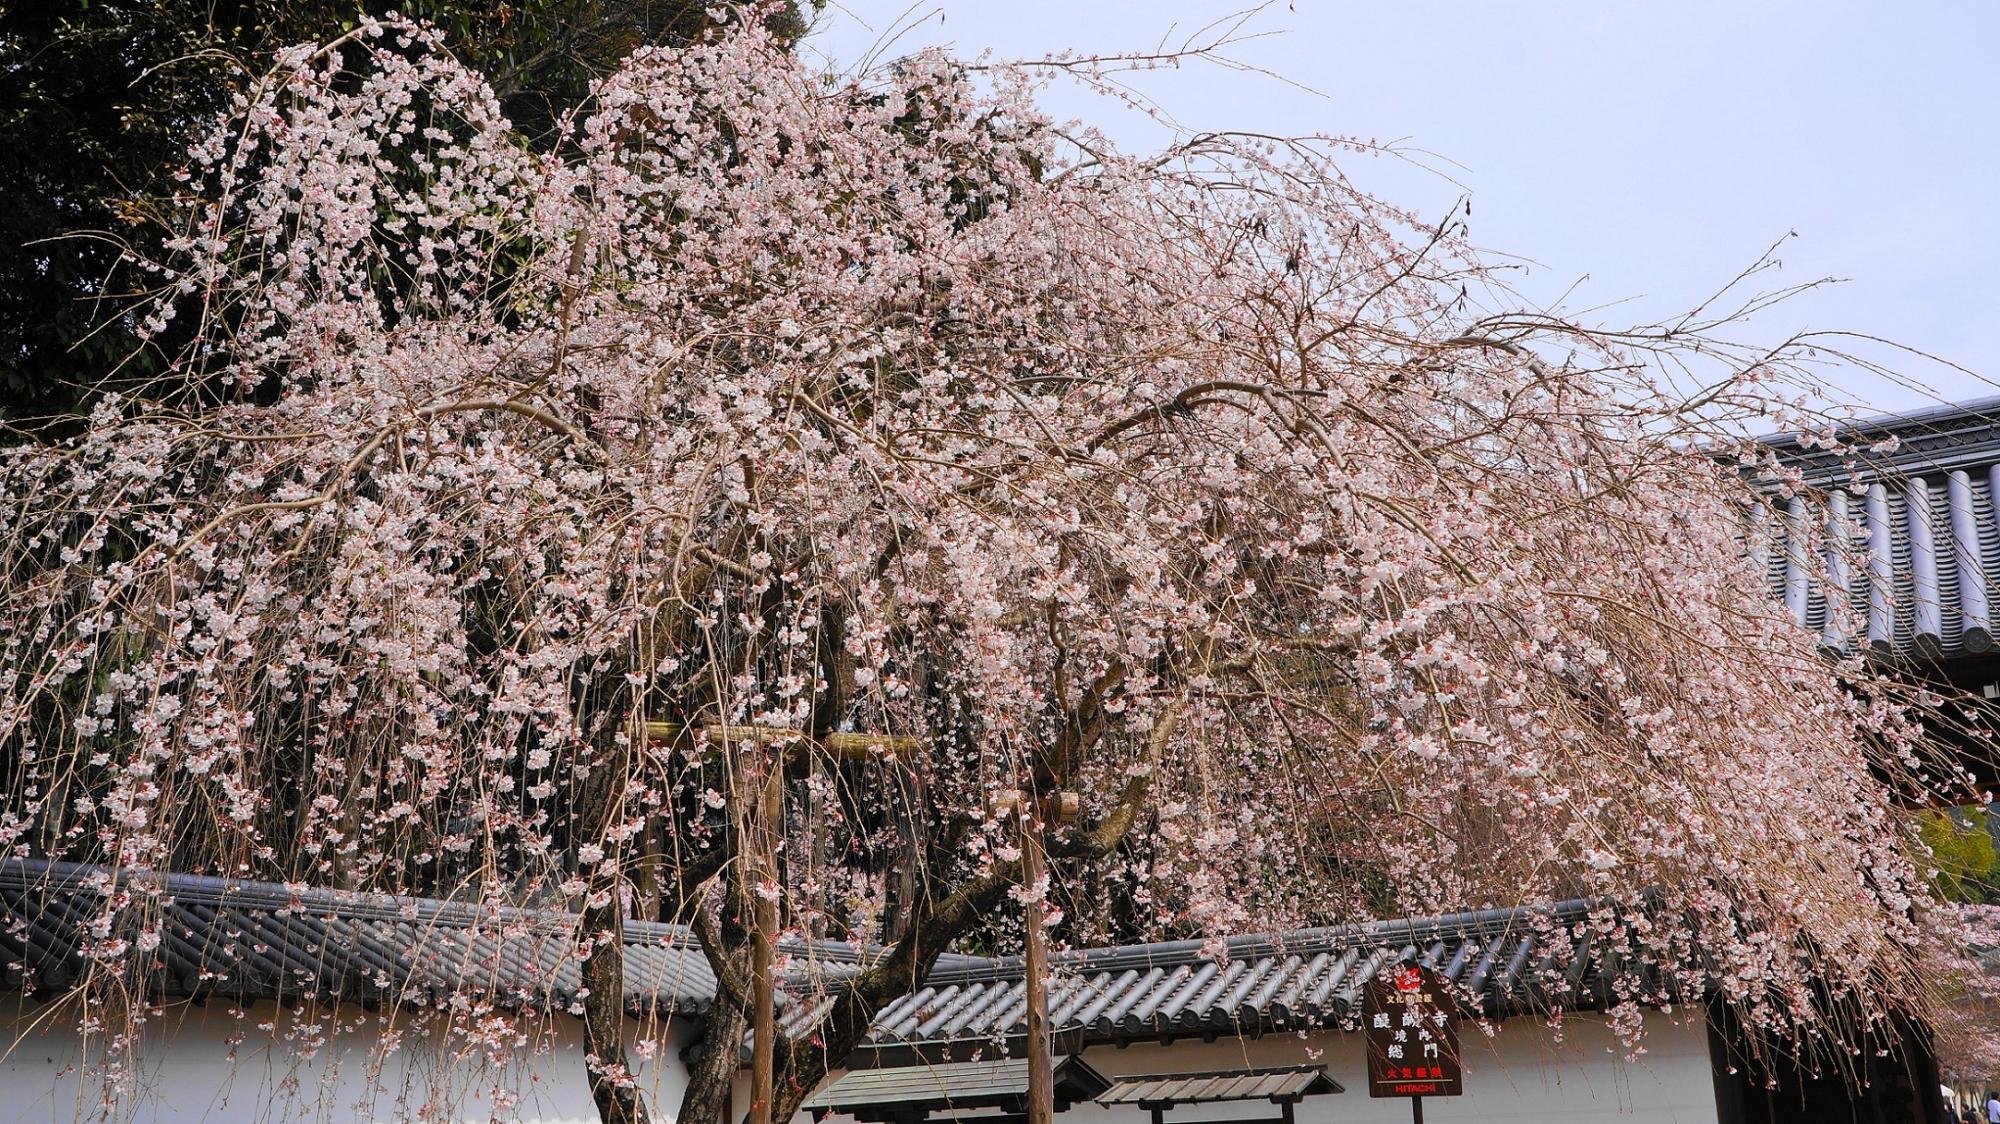 醍醐寺 桜 総門 春